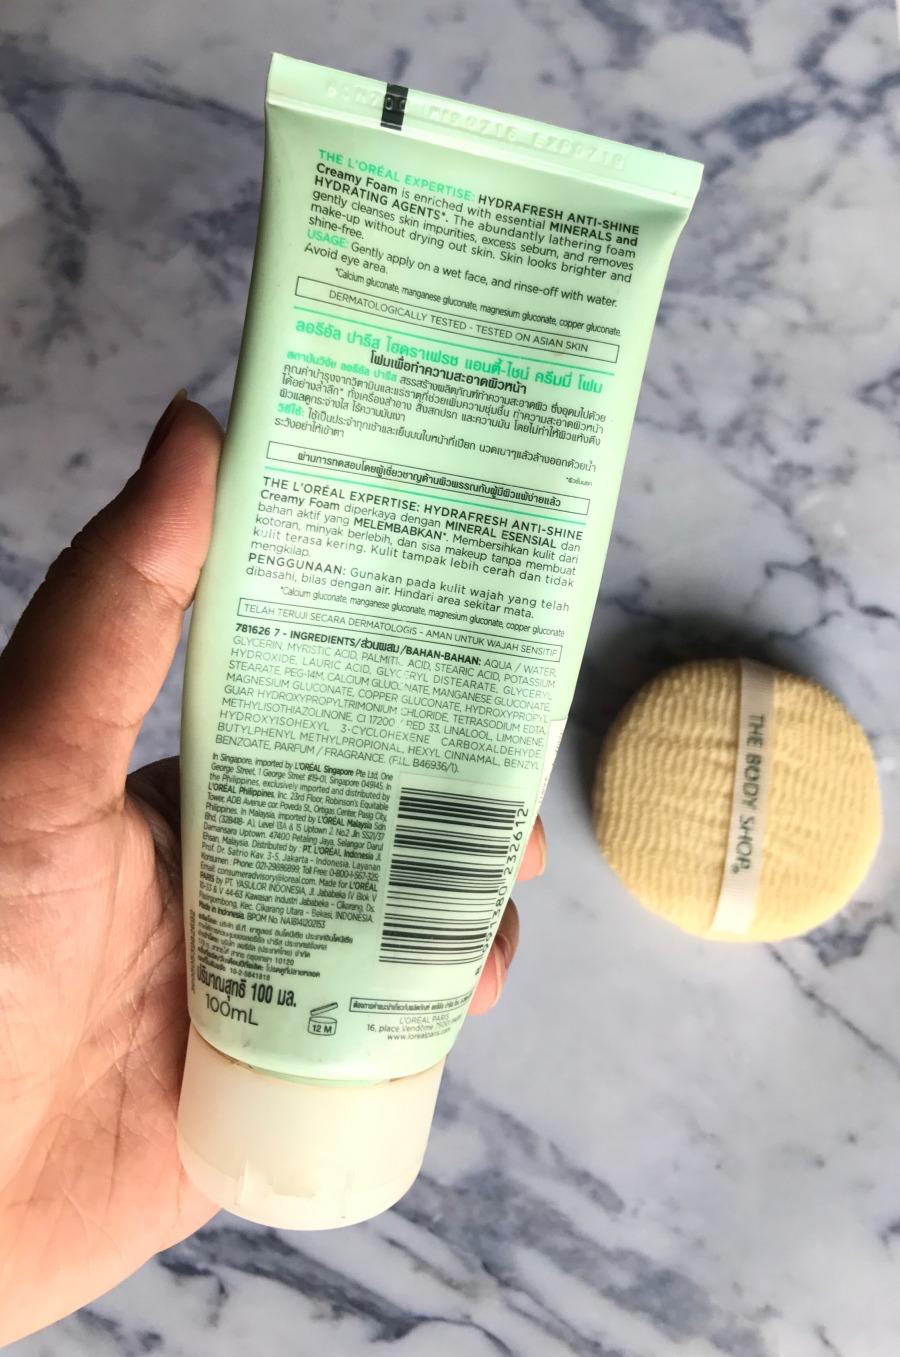 Hydrafresh Anti-Shine Creamy Foam